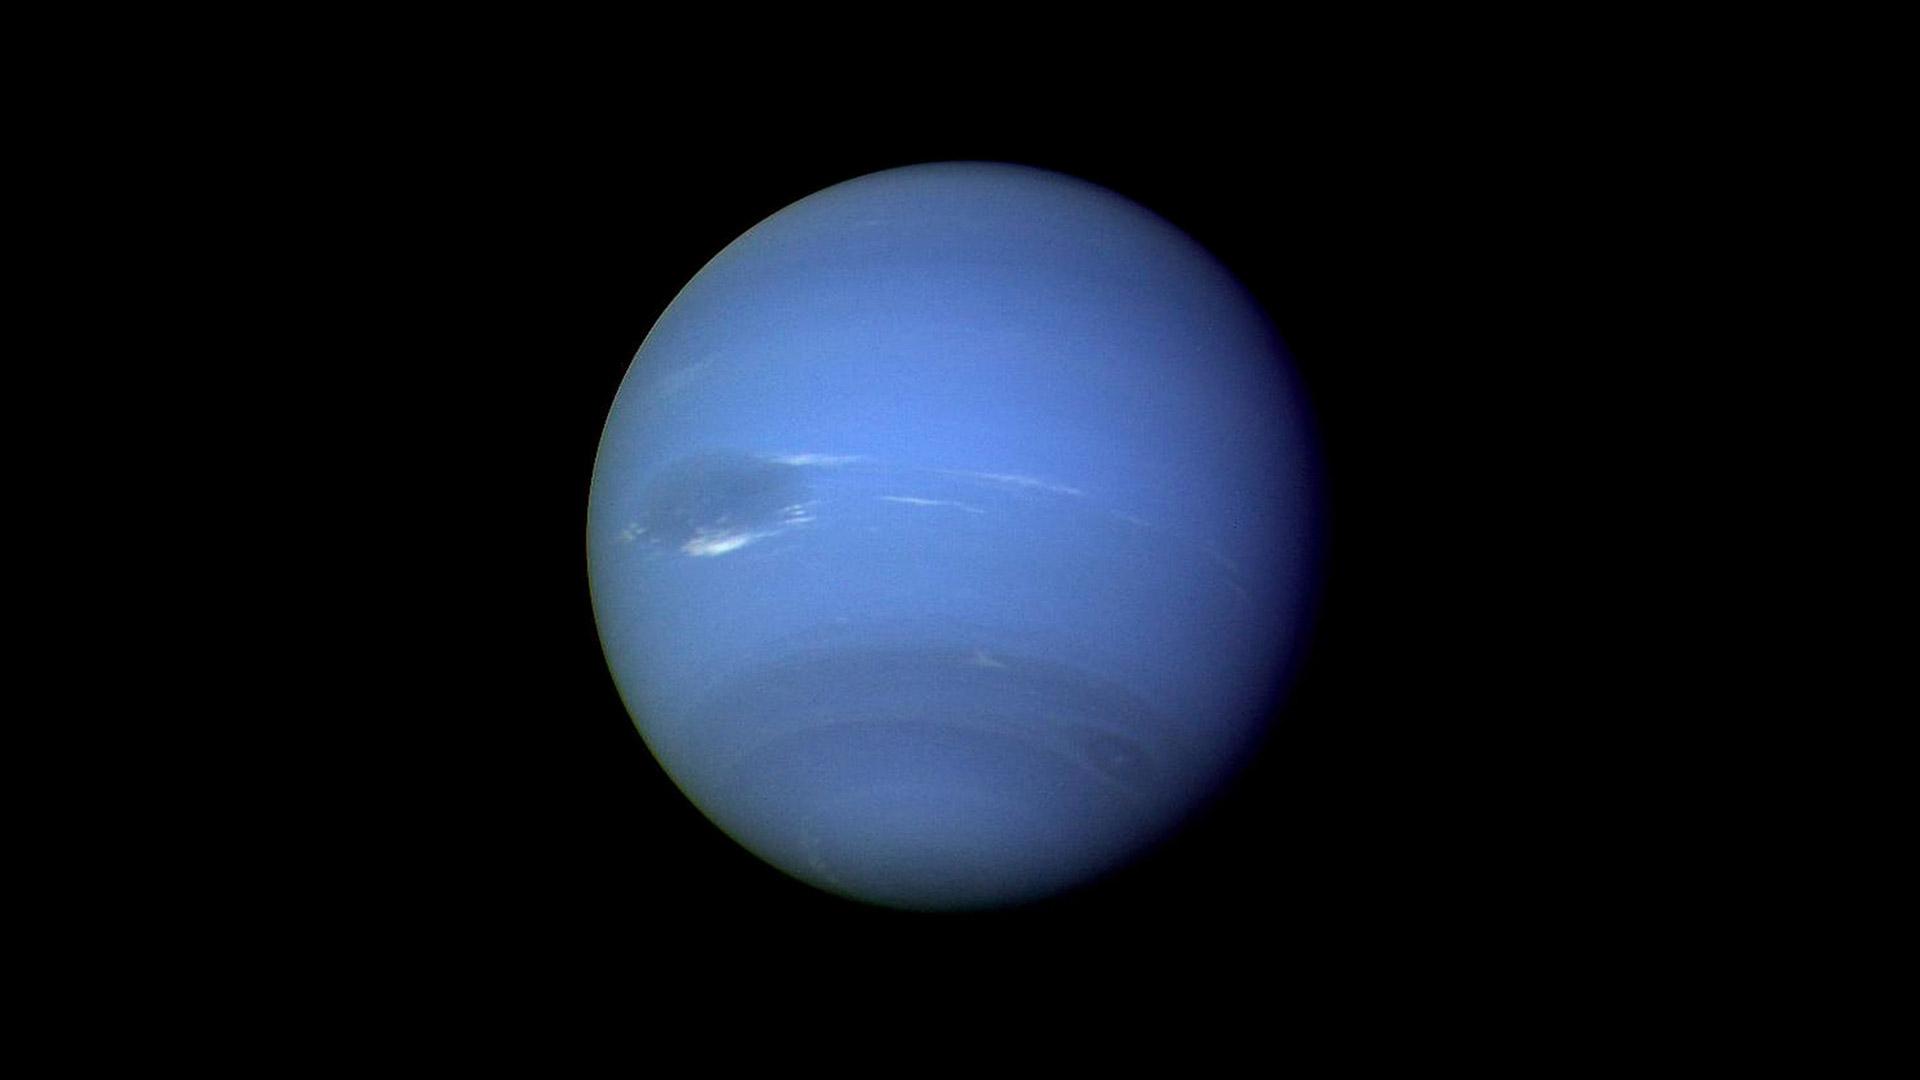 蔚蓝色的海王星 (© NASA/JPL)